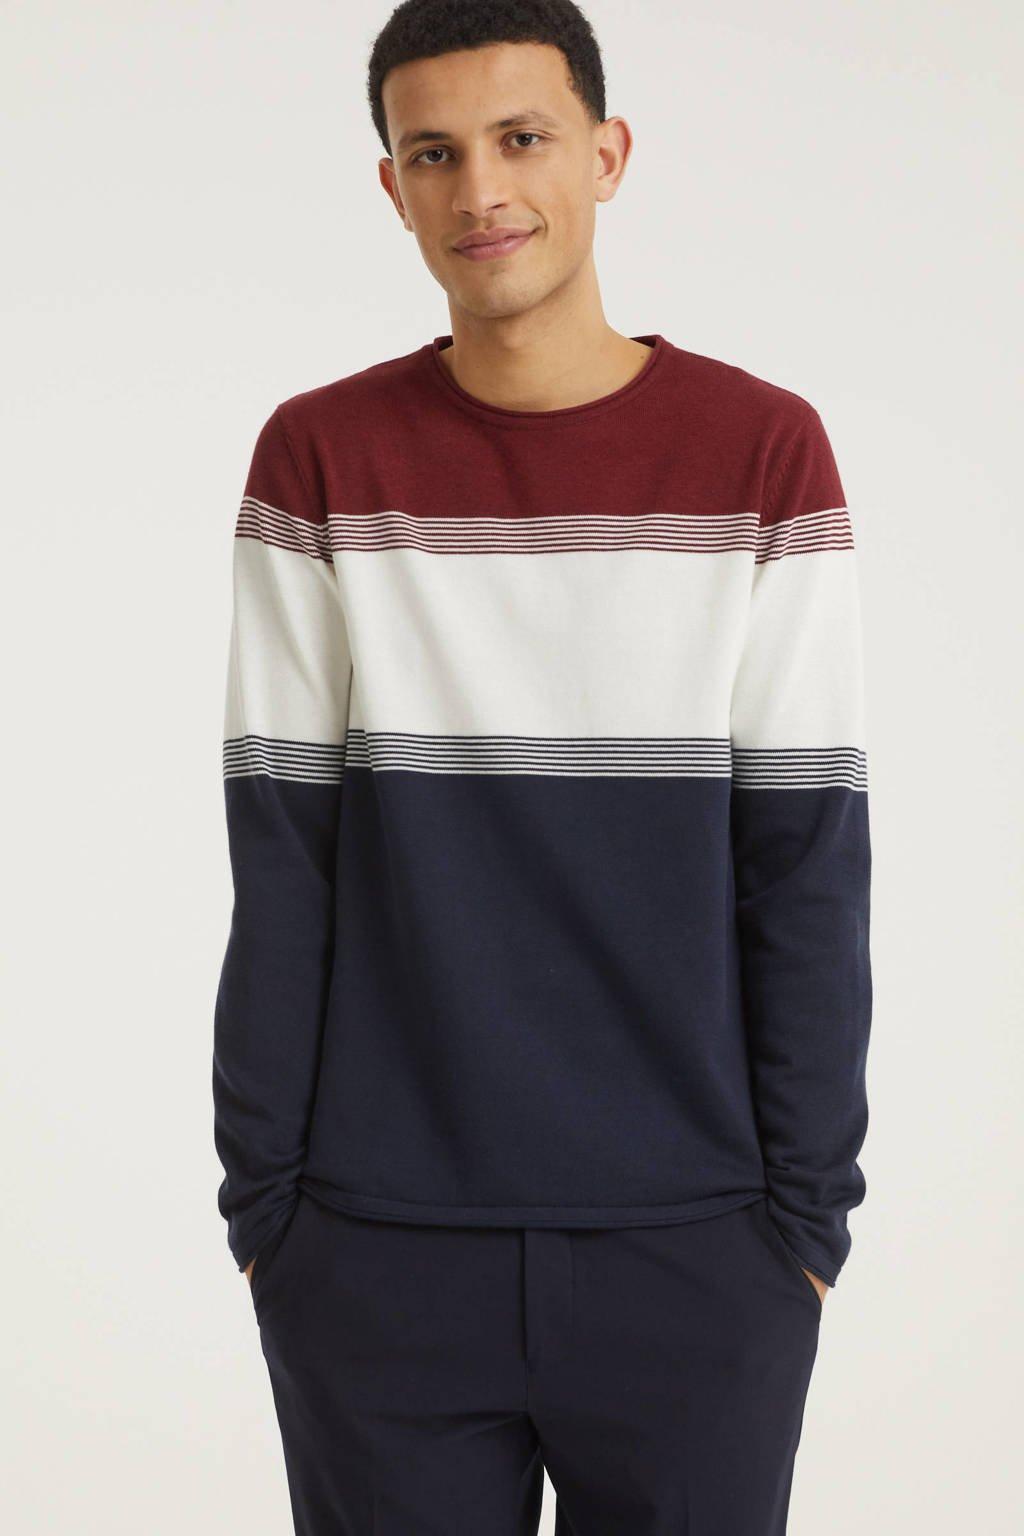 edc Men trui van biologisch katoen rood/wit/blauw, Rood/wit/blauw